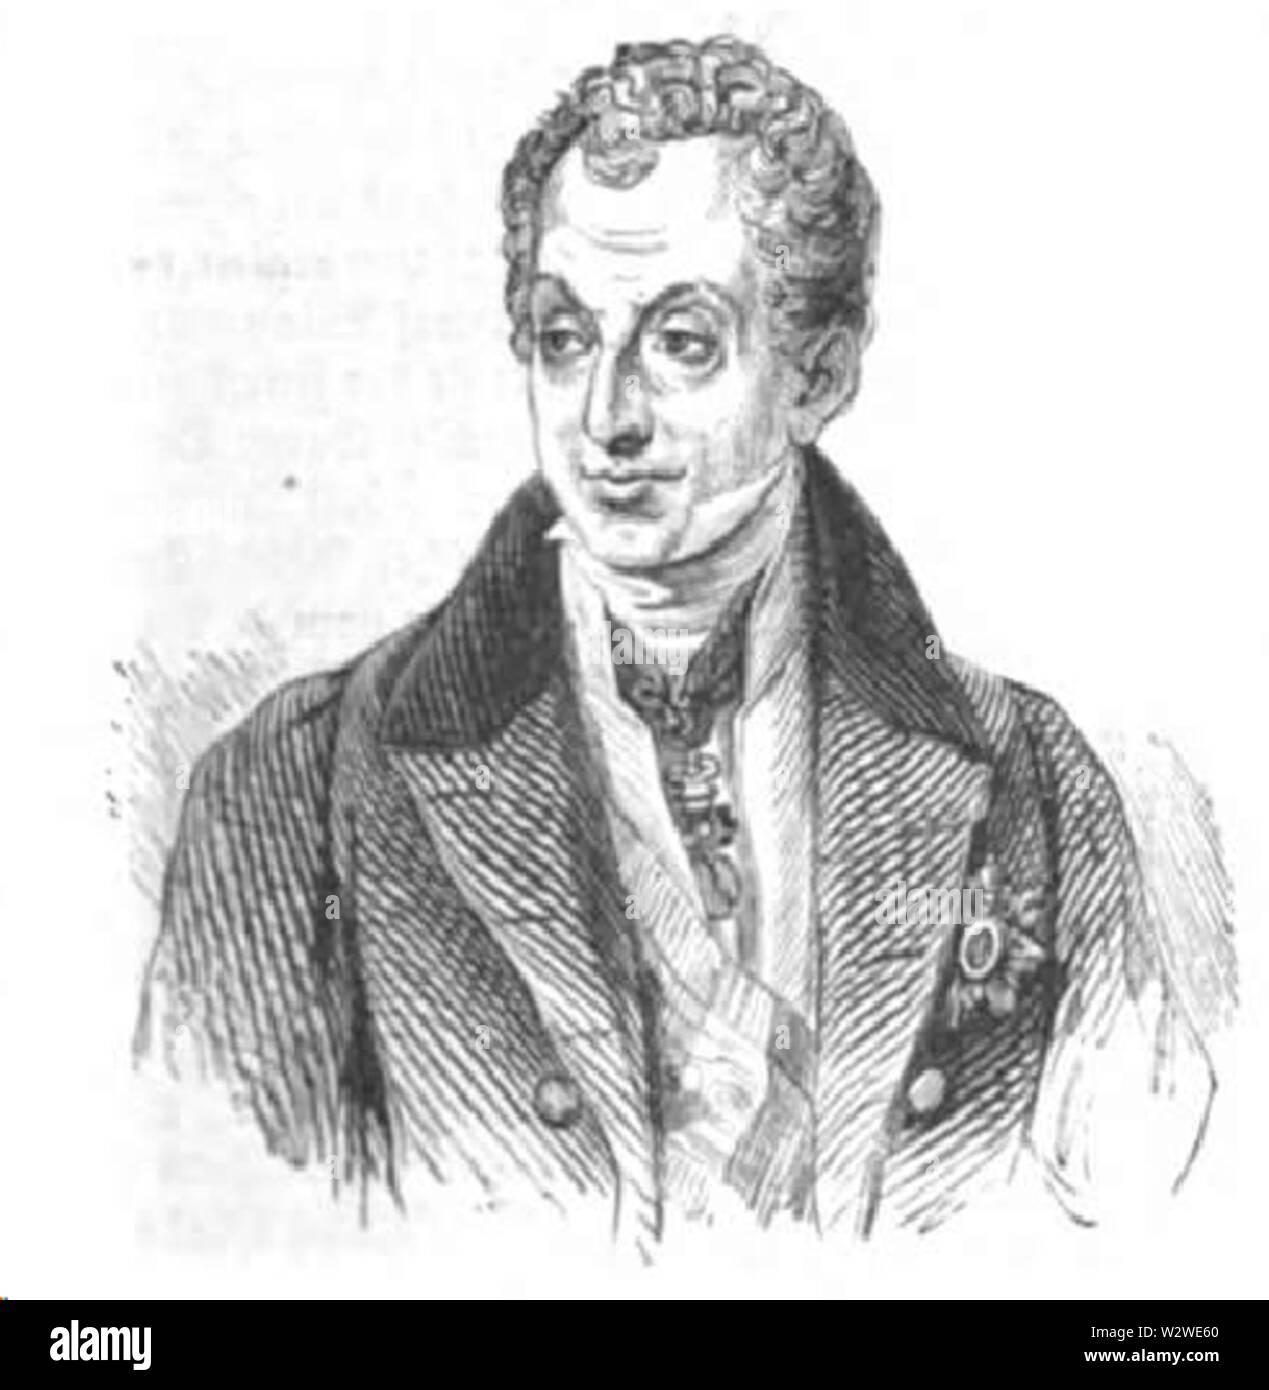 Illustrirte Zeitung (1843) 05 001 1 Fürst Metternich - Stock Image